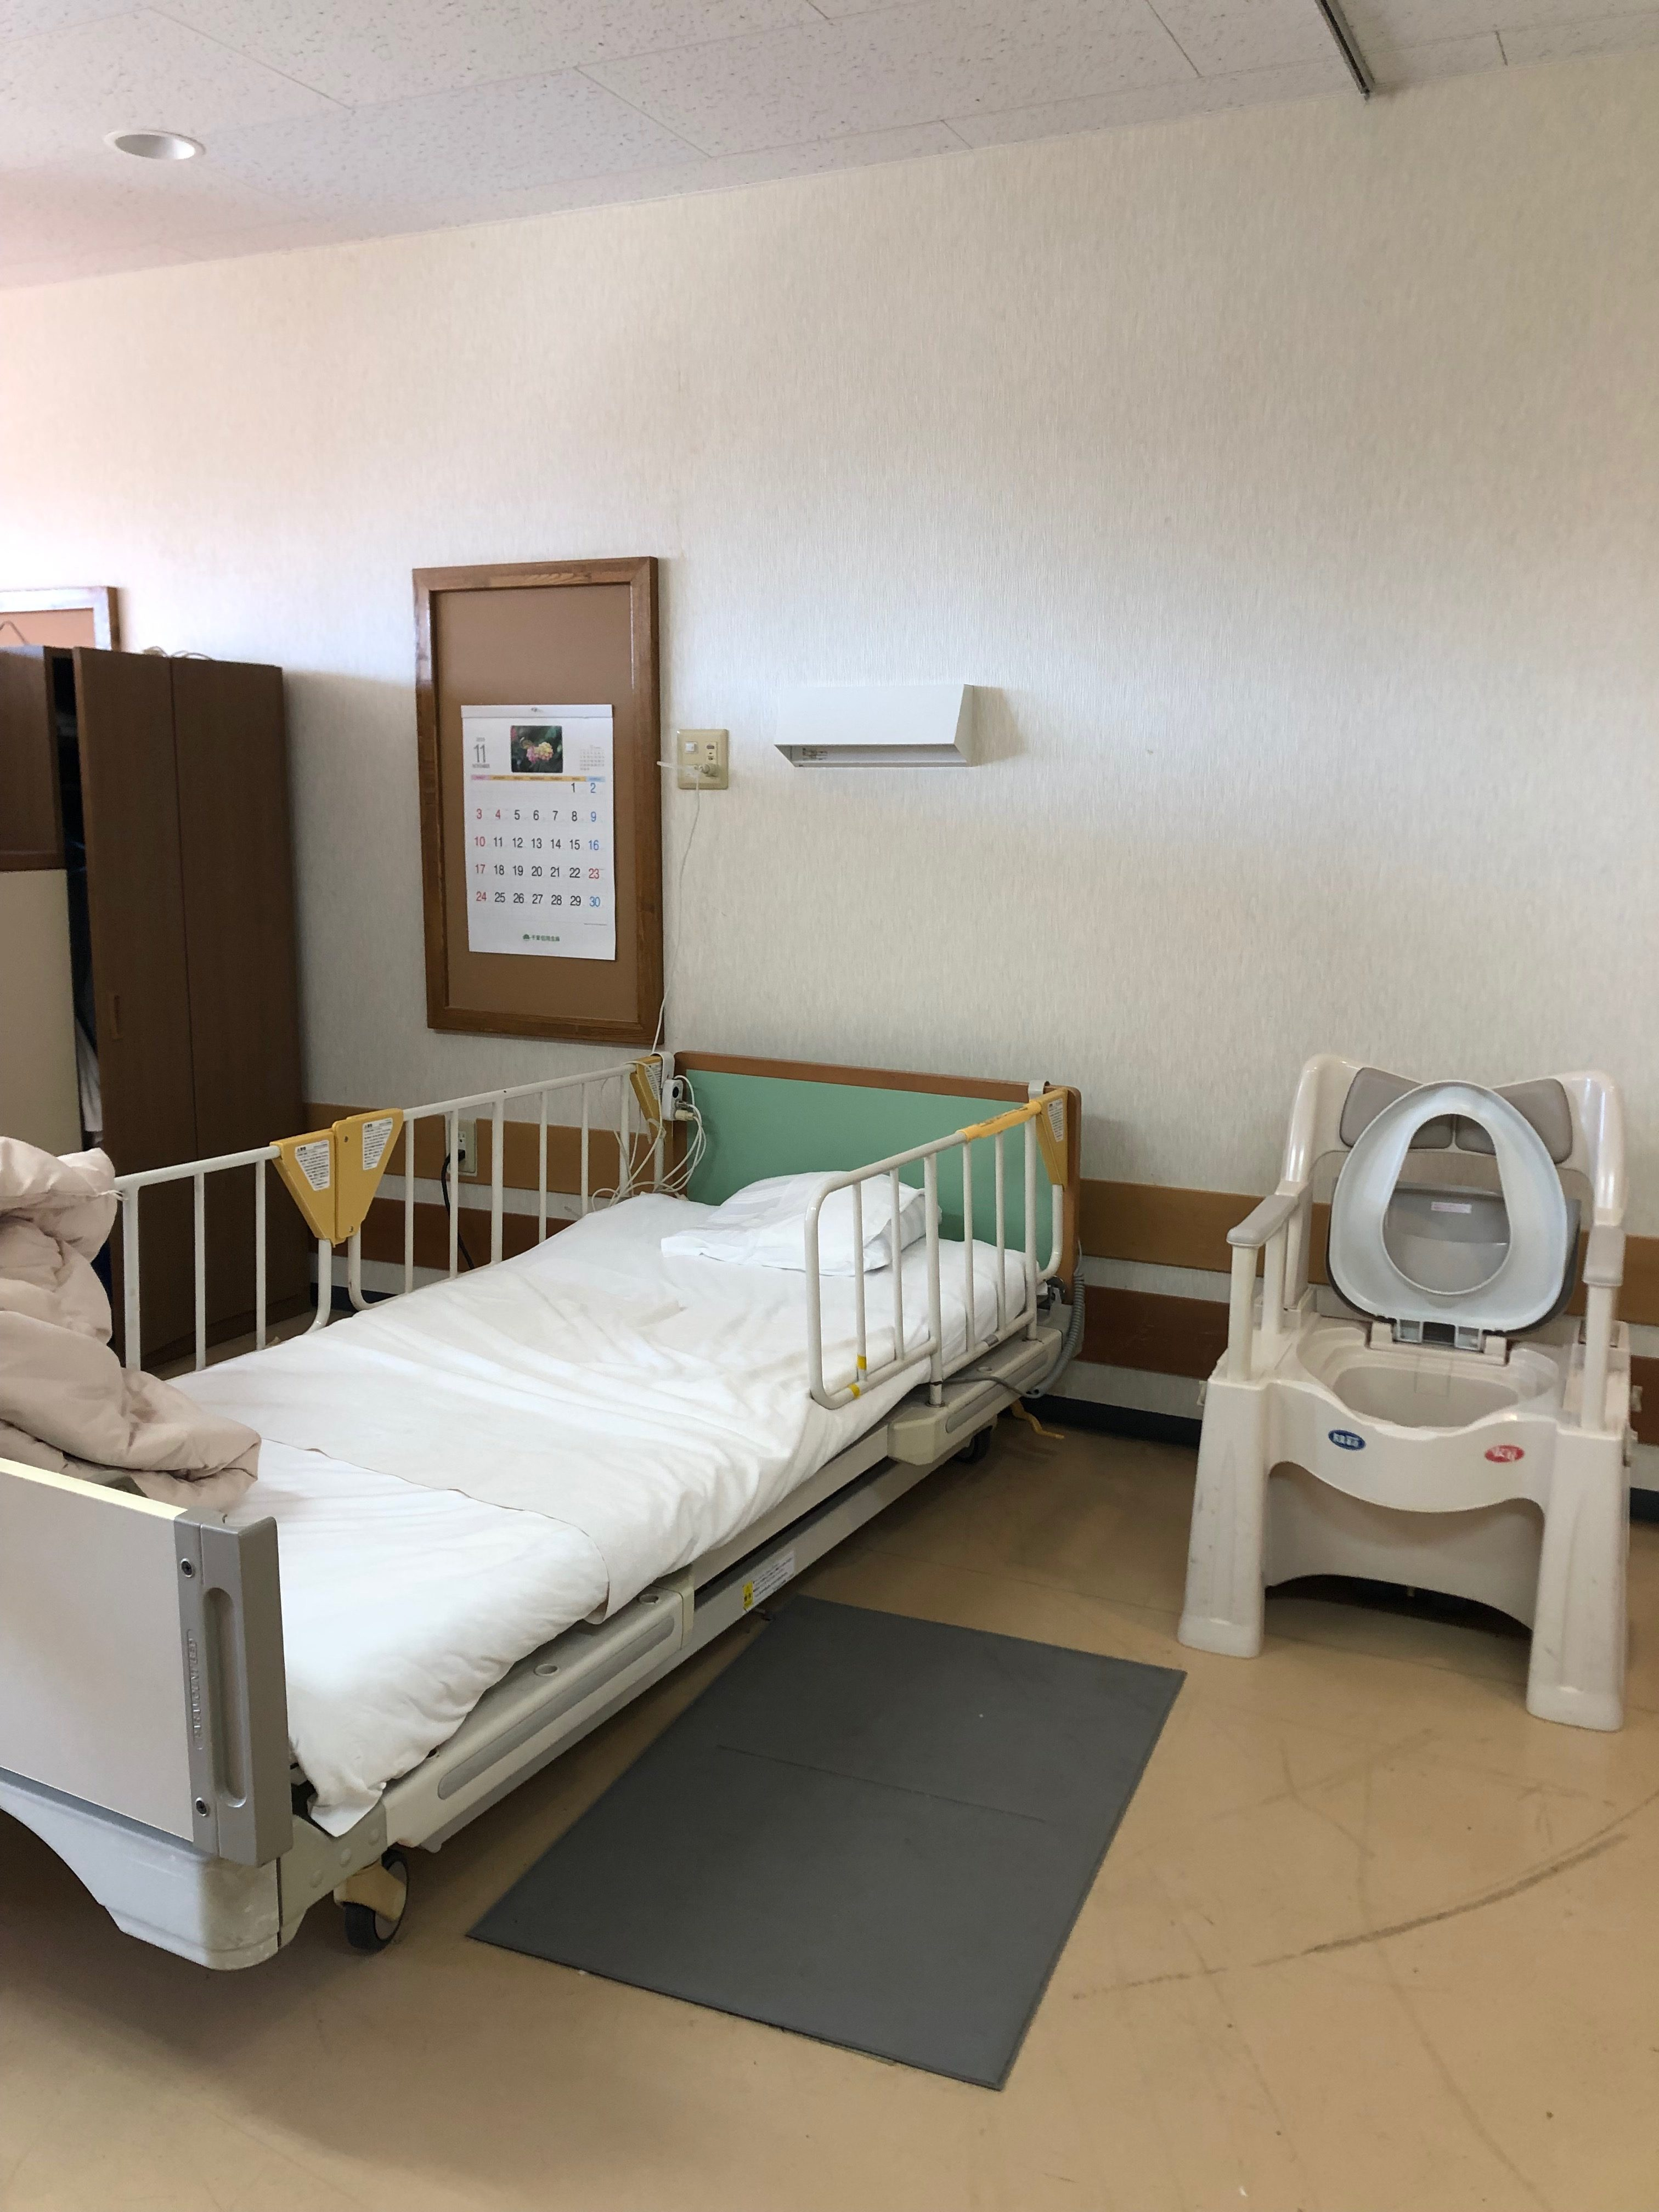 多床室は4人部屋です。夜間トイレが心配な方はポータブルトイレを置くことも可能です。